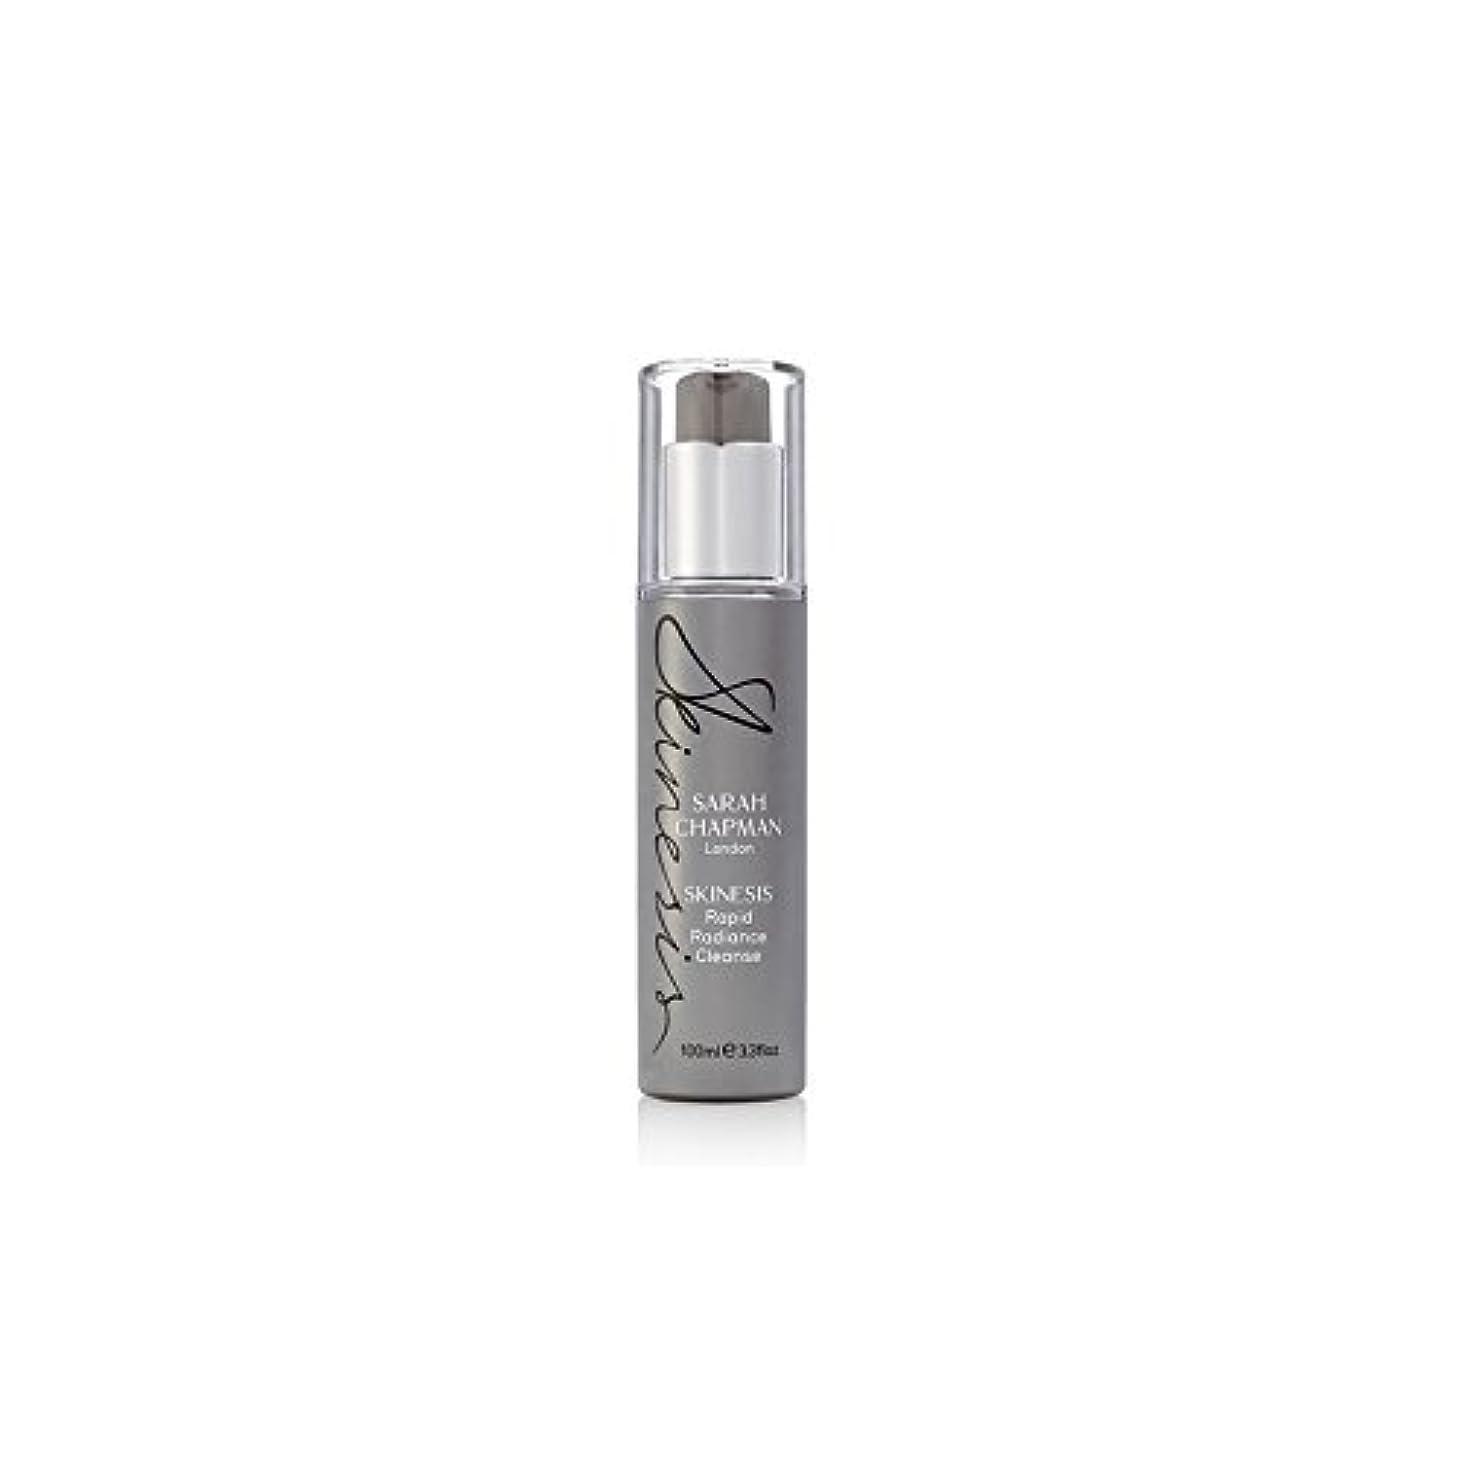 記念品ジョージバーナード打ち負かすSarah Chapman Skinesis Rapid Radiance Cleanse (100ml) - サラ?チャップマン迅速な輝きの浄化(100ミリリットル) [並行輸入品]